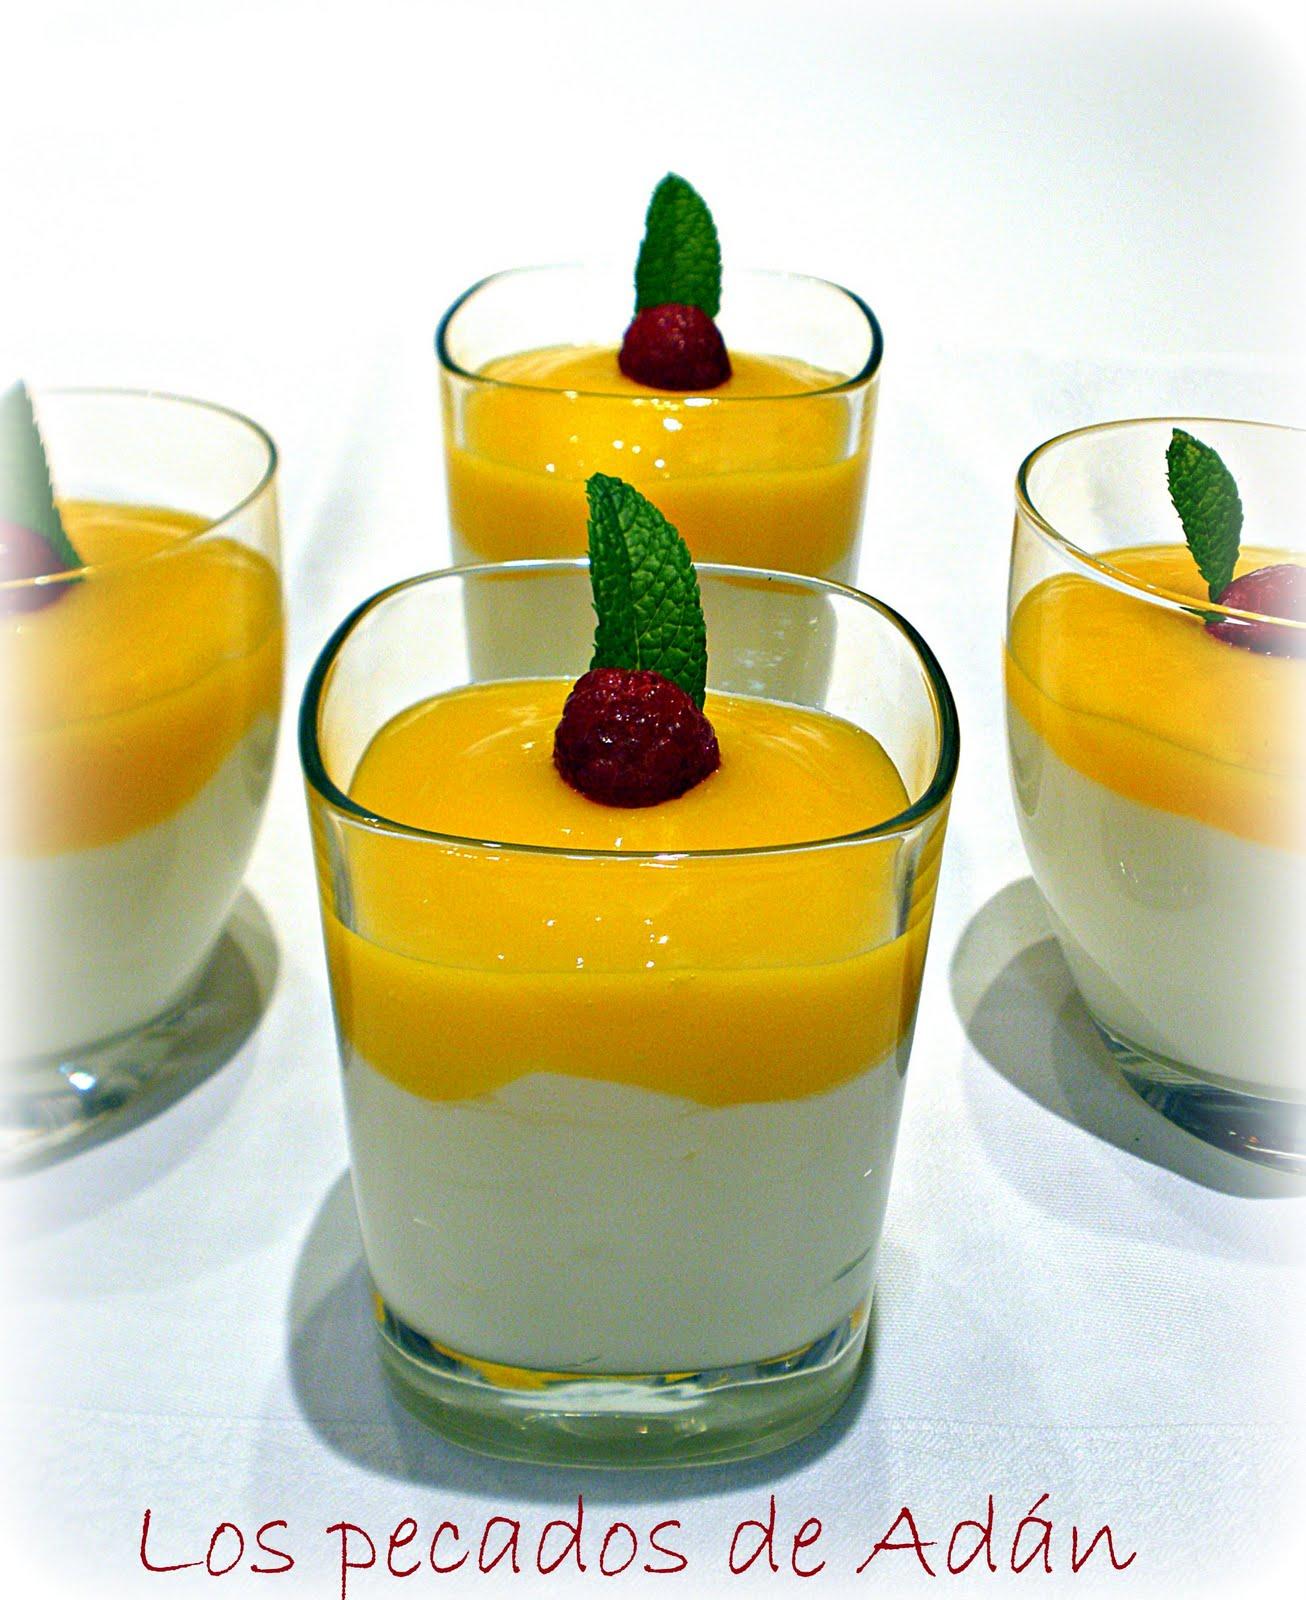 Los pecados de ad n mousse de yogurt con cul s de mango - Como hacer mousse de yogurt ...